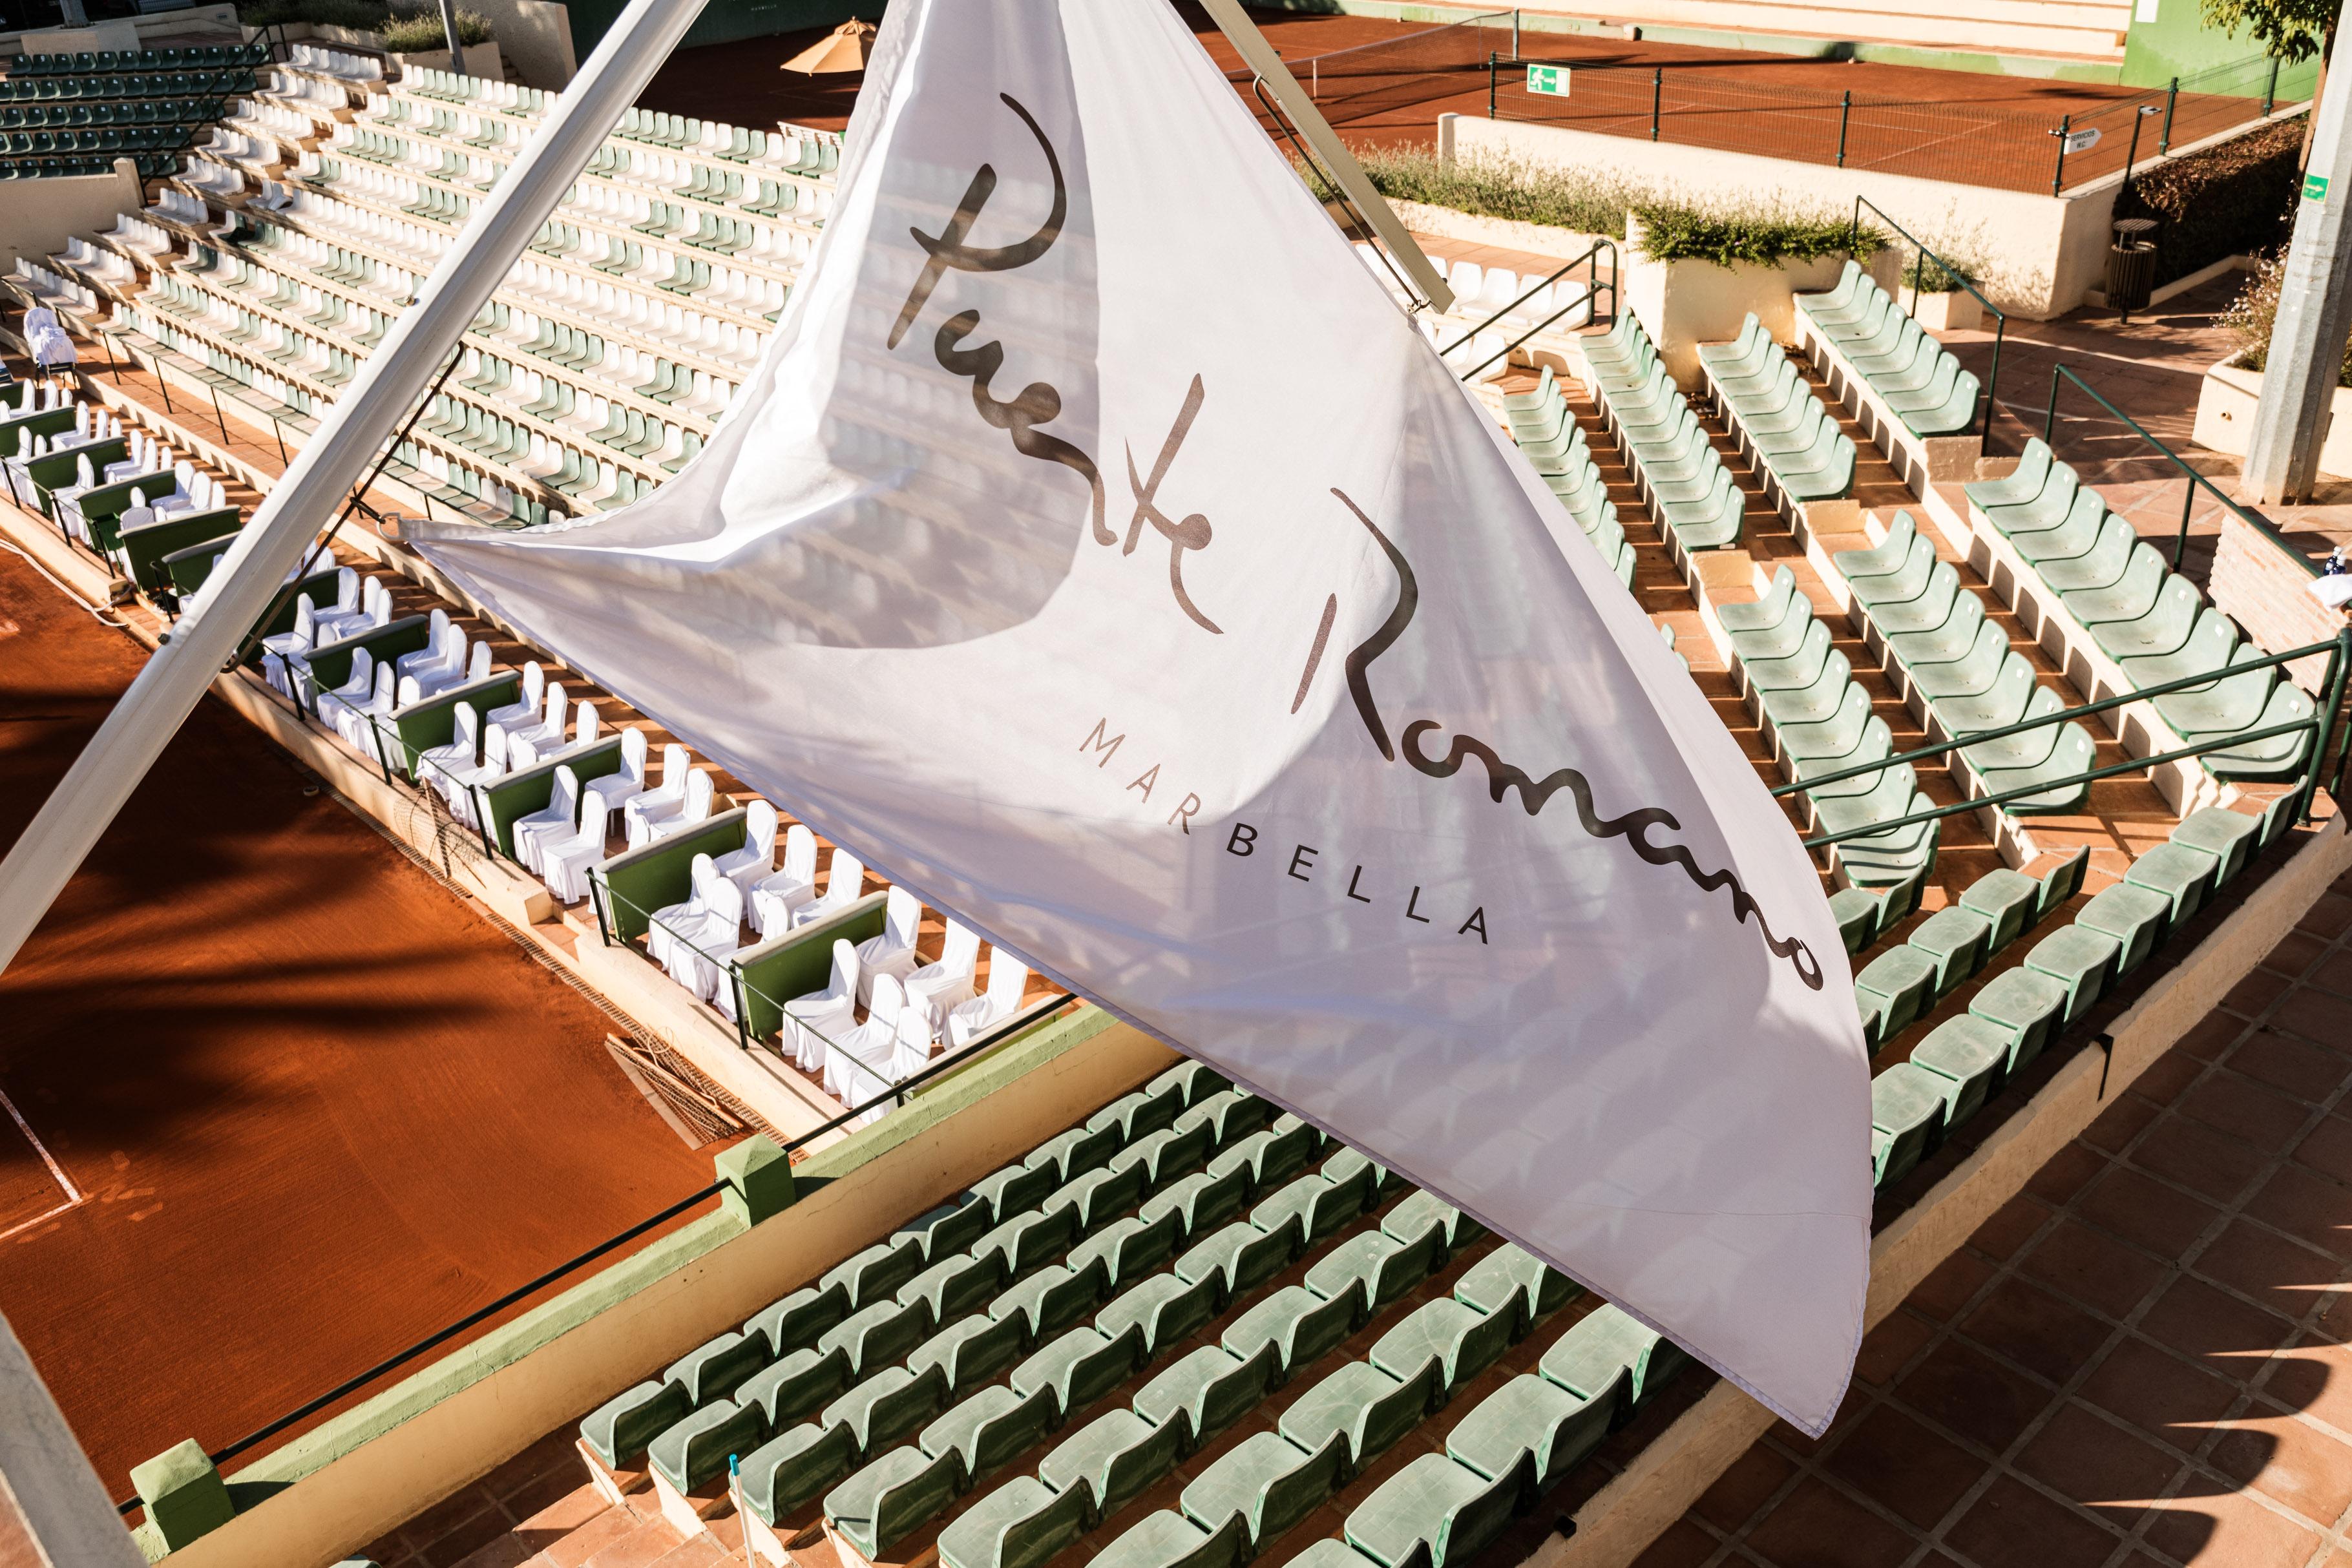 club-de-tenis-puente-romano-bandera